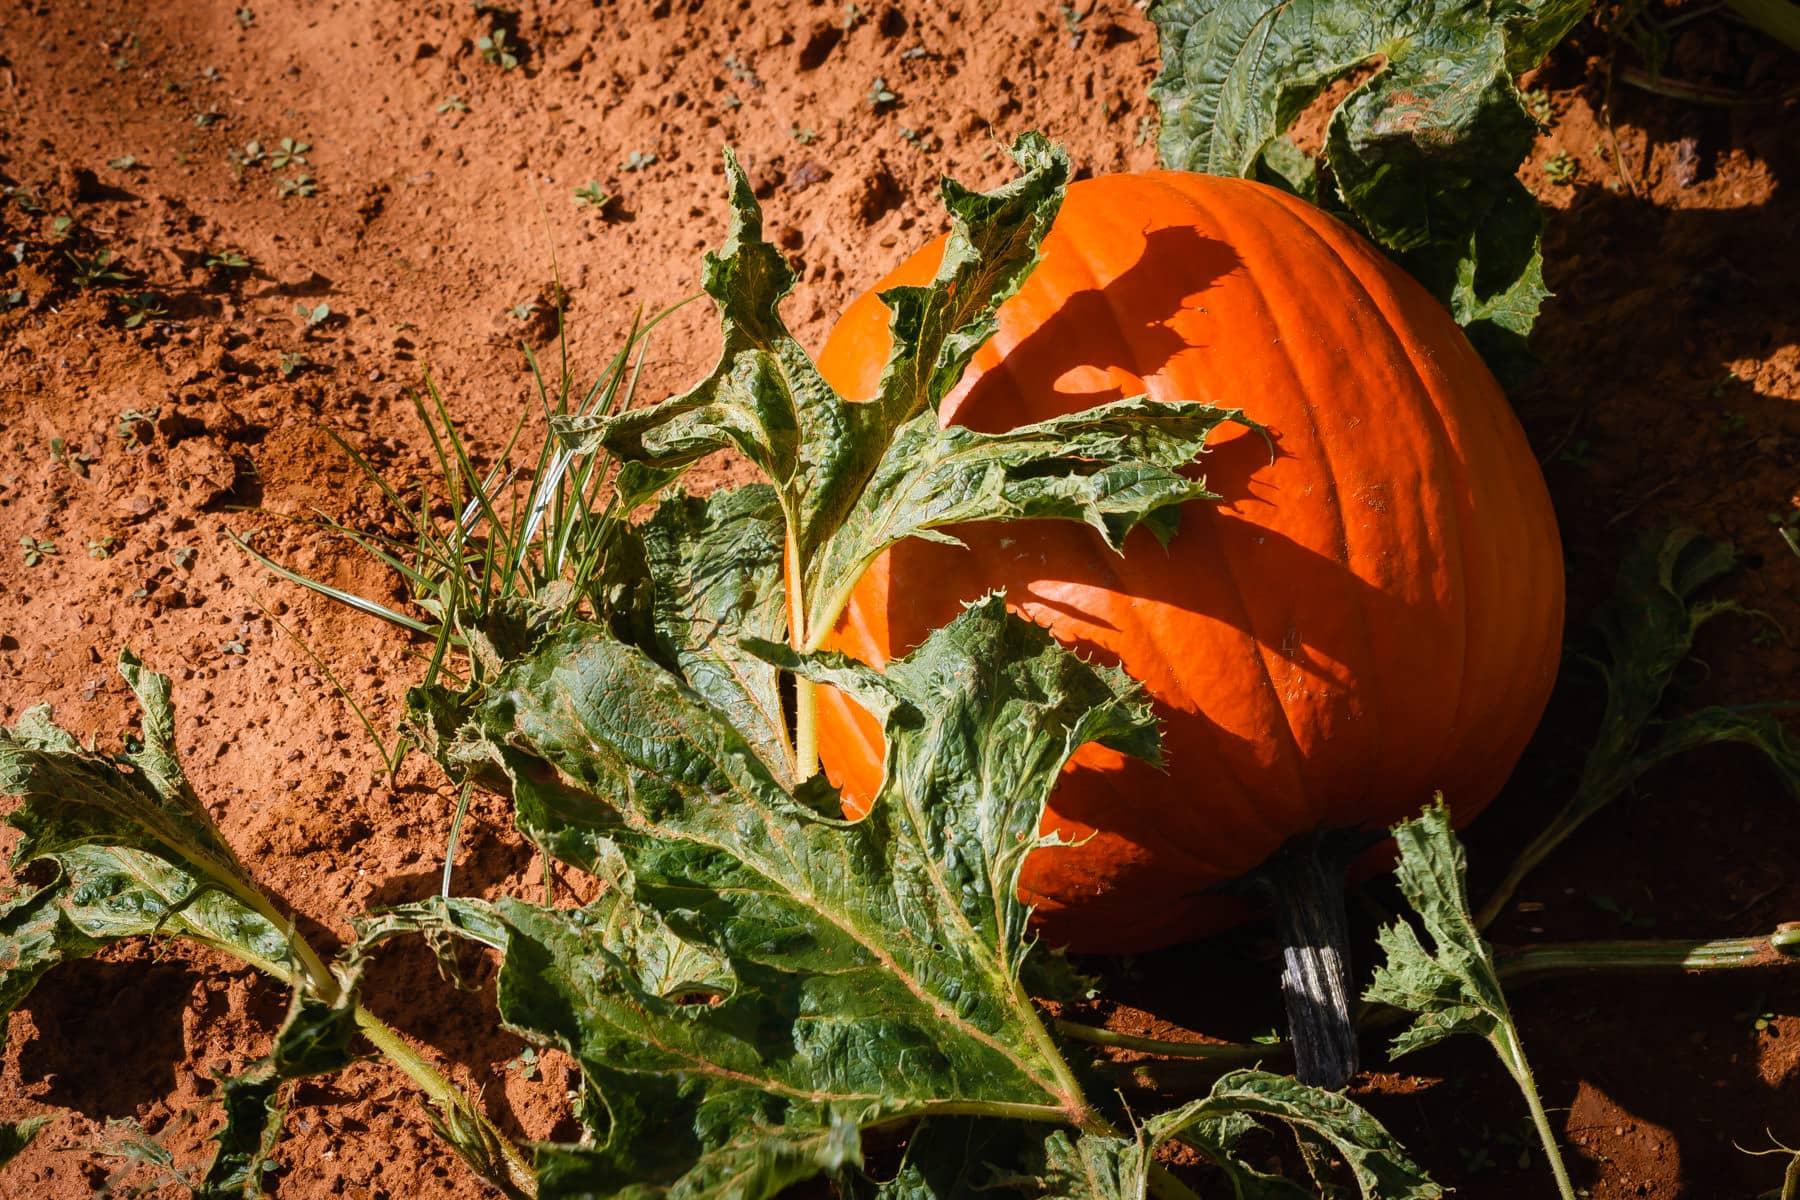 A pumpkin waits to be picked at Moore Farms, Bullard, Texas.